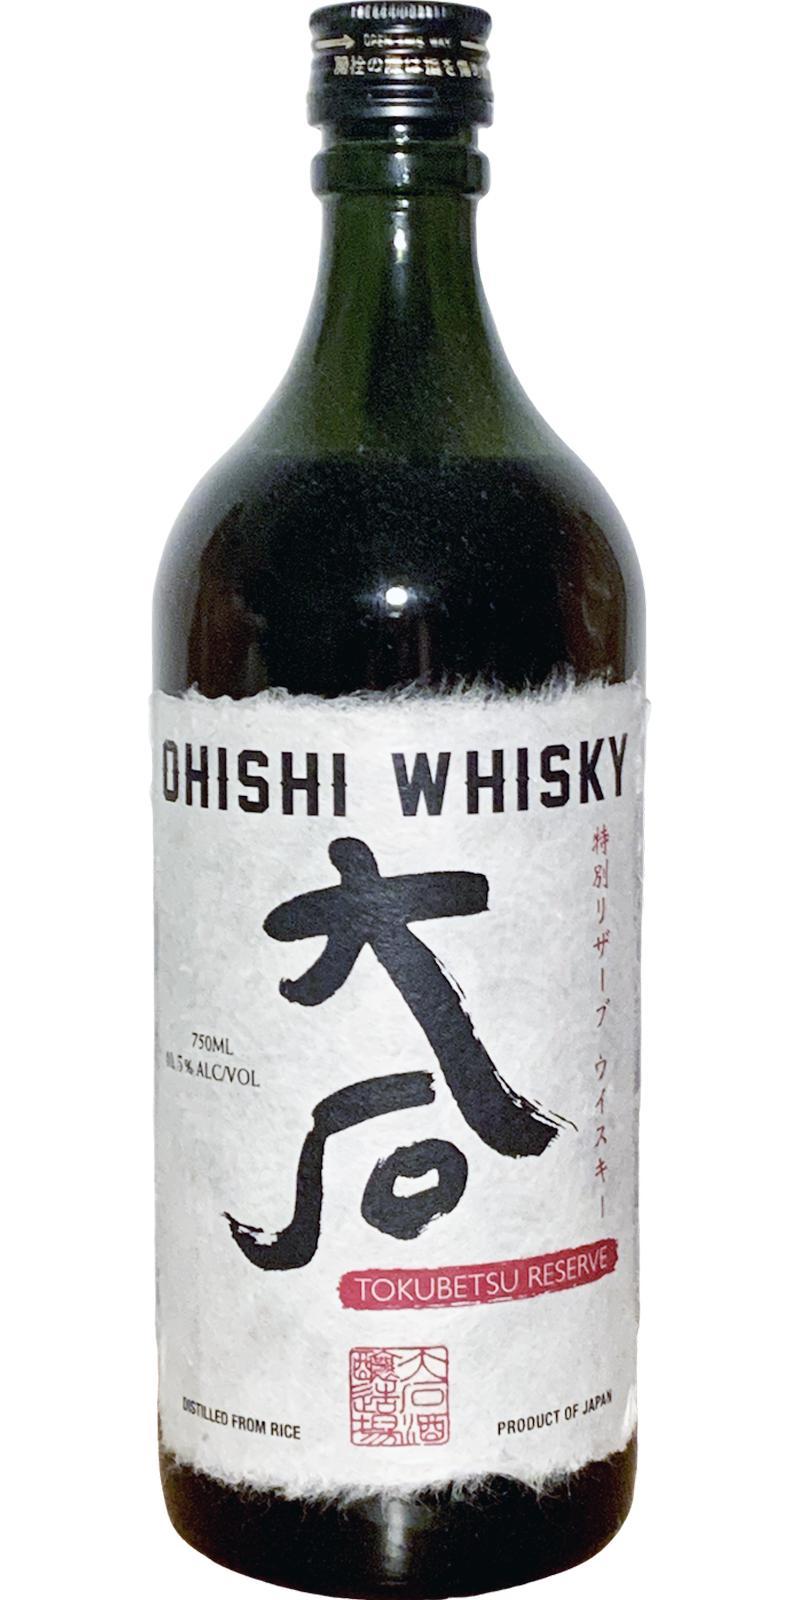 Ohishi Whisky Tokubetsu Reserve